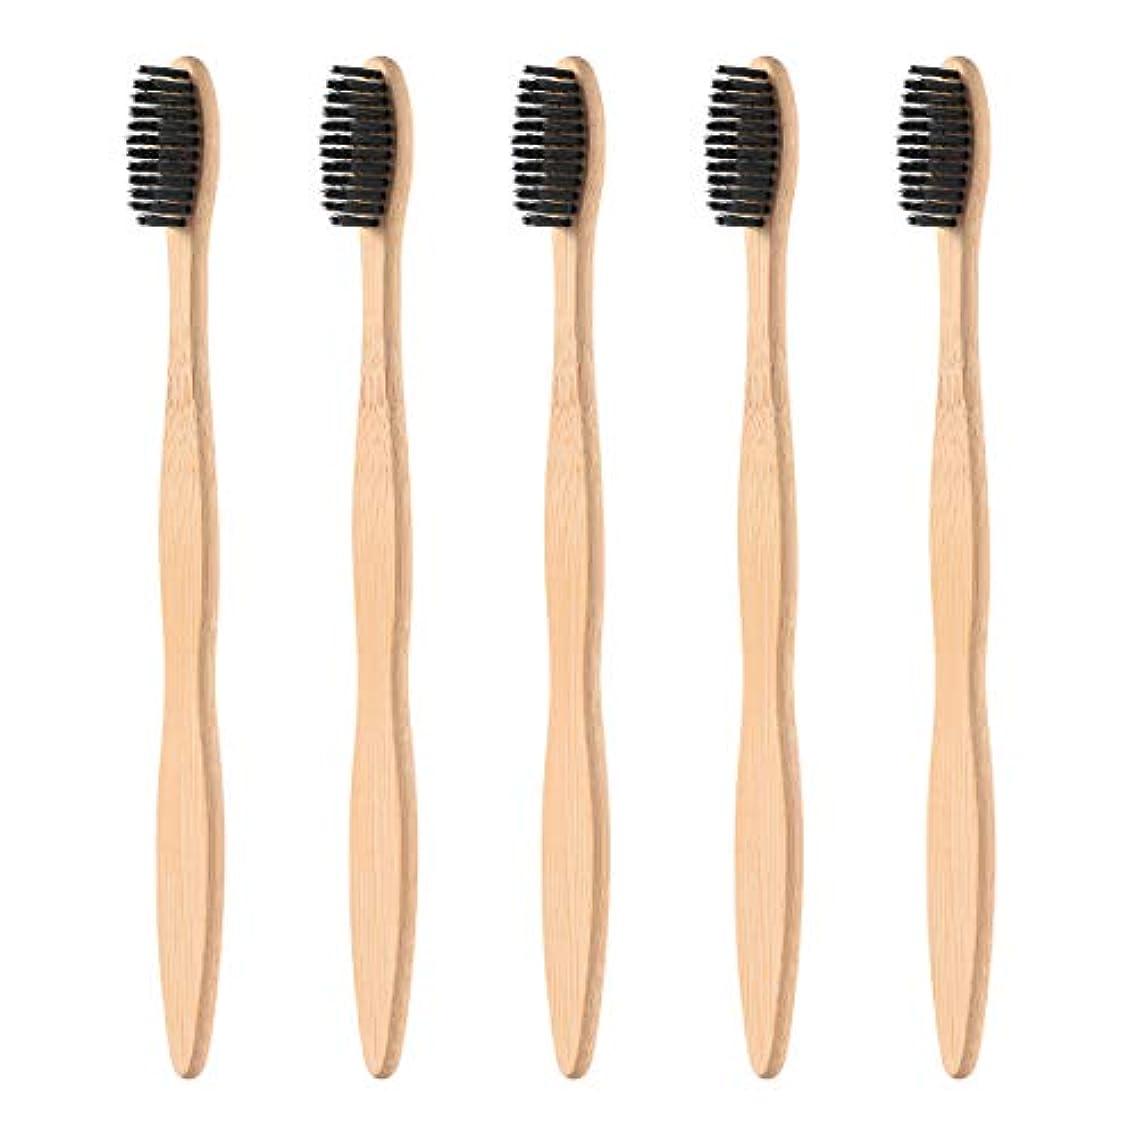 剛性デッキ半島Healifty タケ環境的に歯ブラシ5pcsは柔らかい黒い剛毛が付いている自然な木のEcoの友好的な歯ブラシを扱います